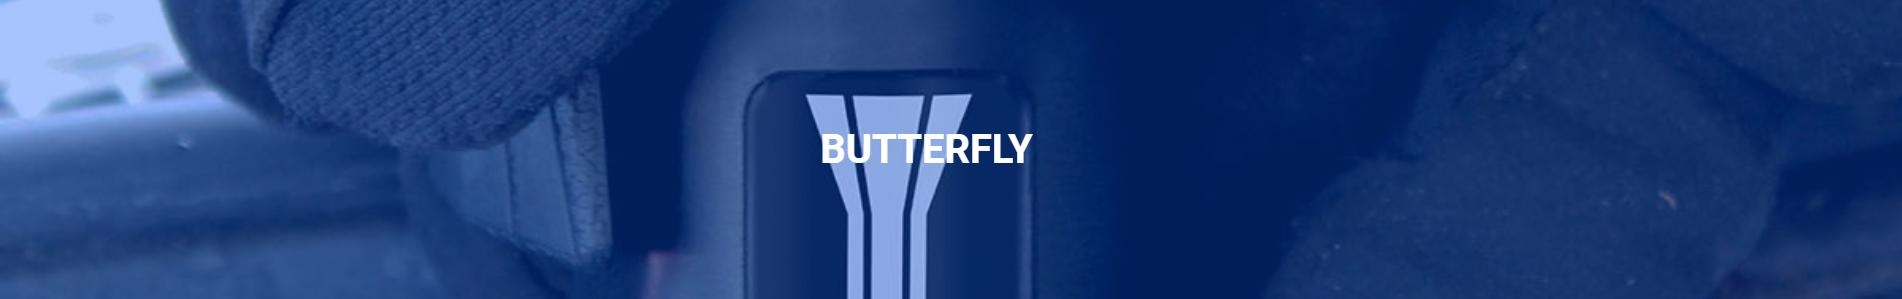 Butterfly dino paoli